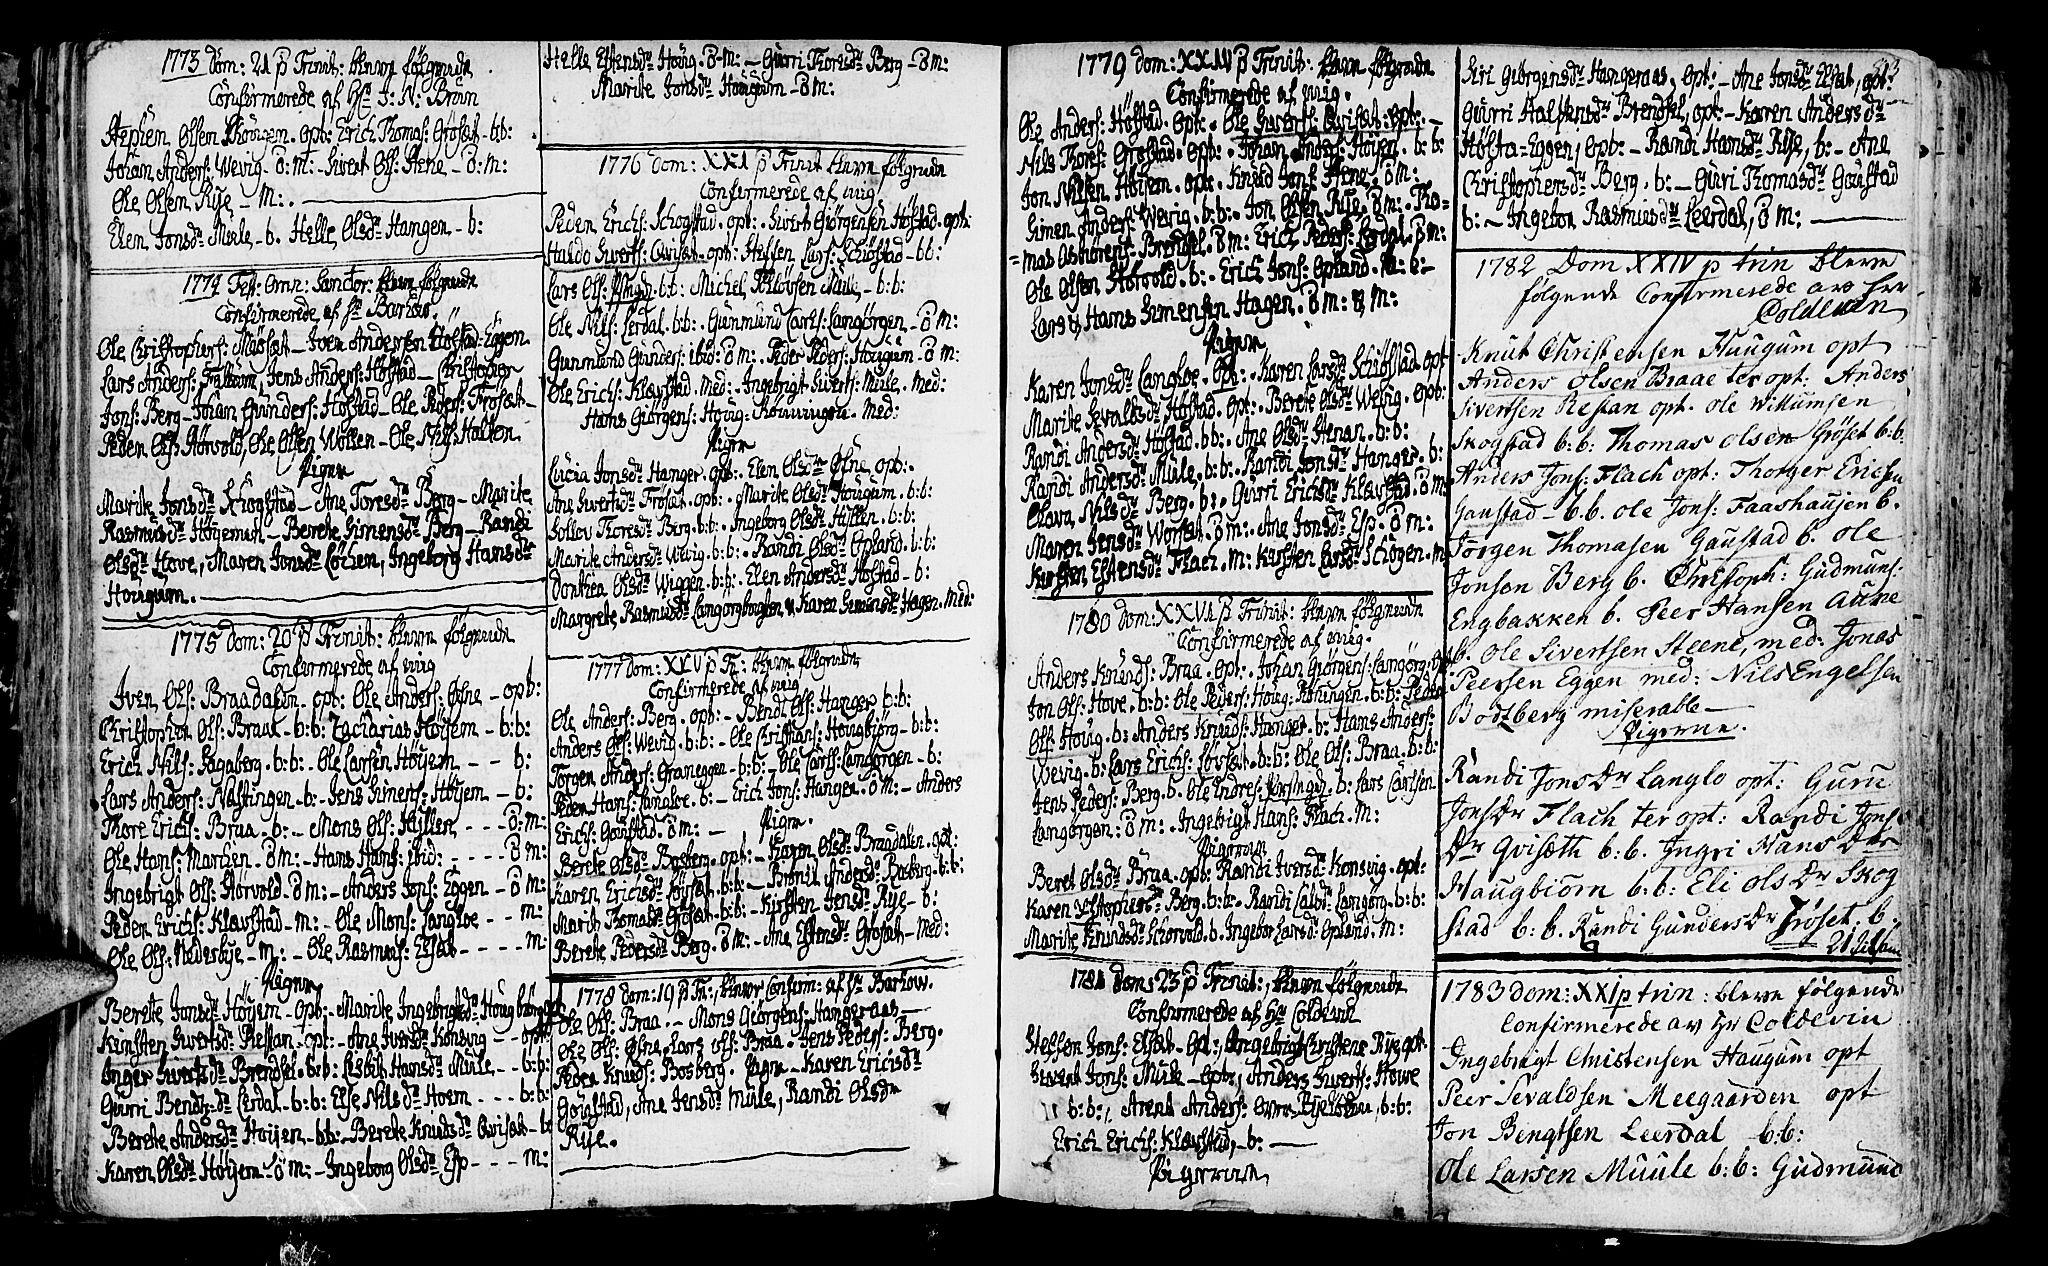 SAT, Ministerialprotokoller, klokkerbøker og fødselsregistre - Sør-Trøndelag, 612/L0370: Ministerialbok nr. 612A04, 1754-1802, s. 83